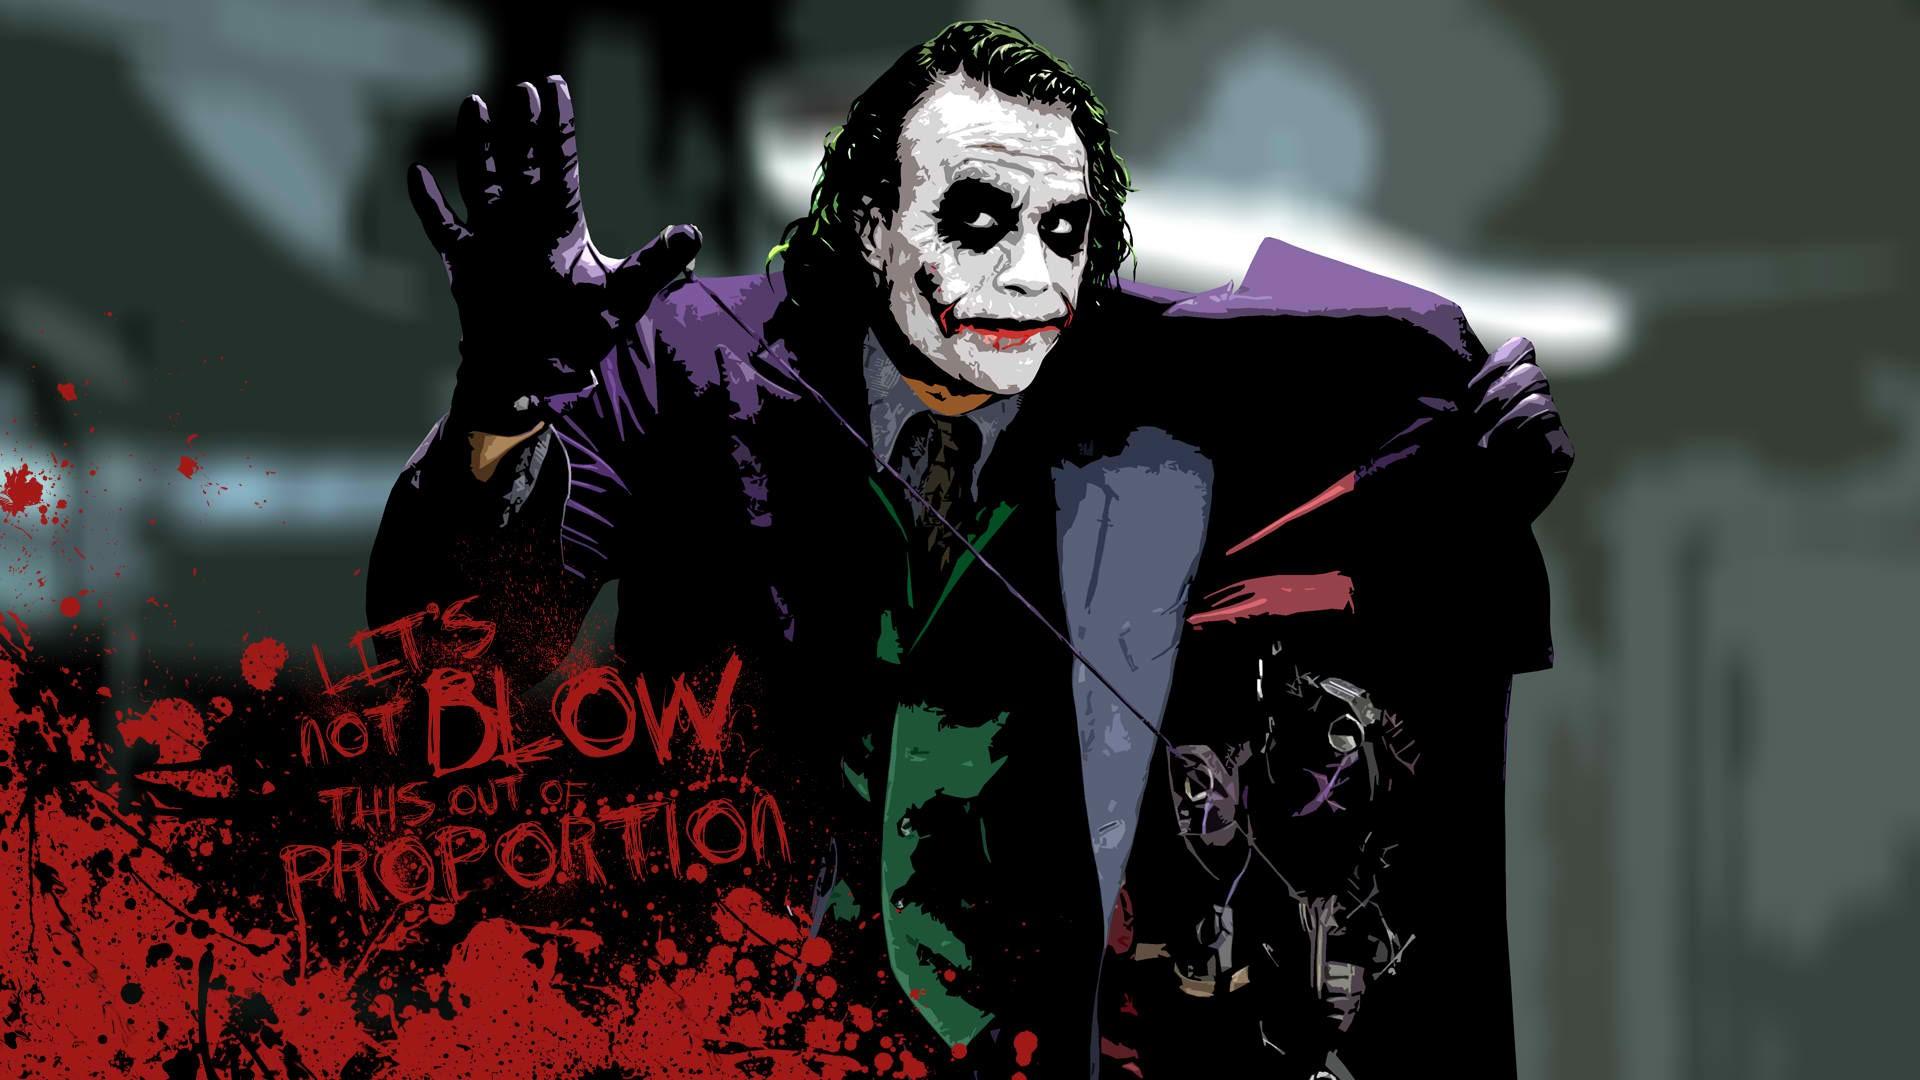 Dark Knight Joker 4k Wallpaper - 4k wallpaper